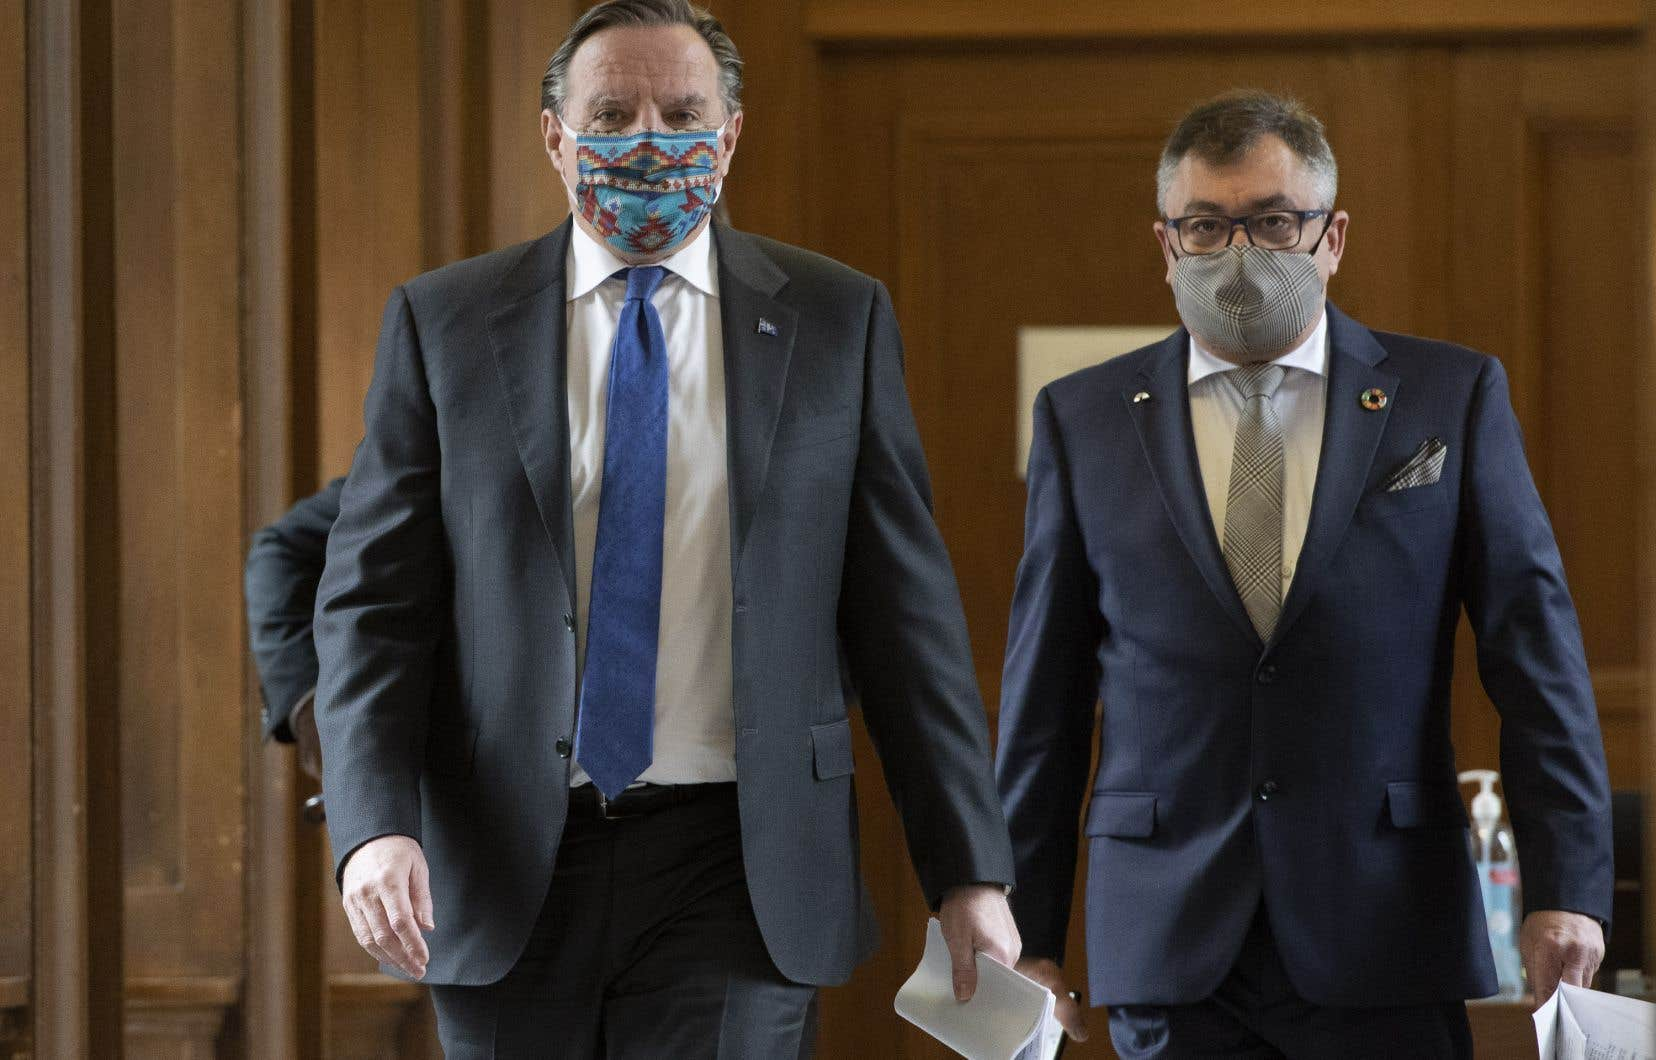 Le premier ministre François Legault et ledirecteur national de santé publique, Horacio Arruda